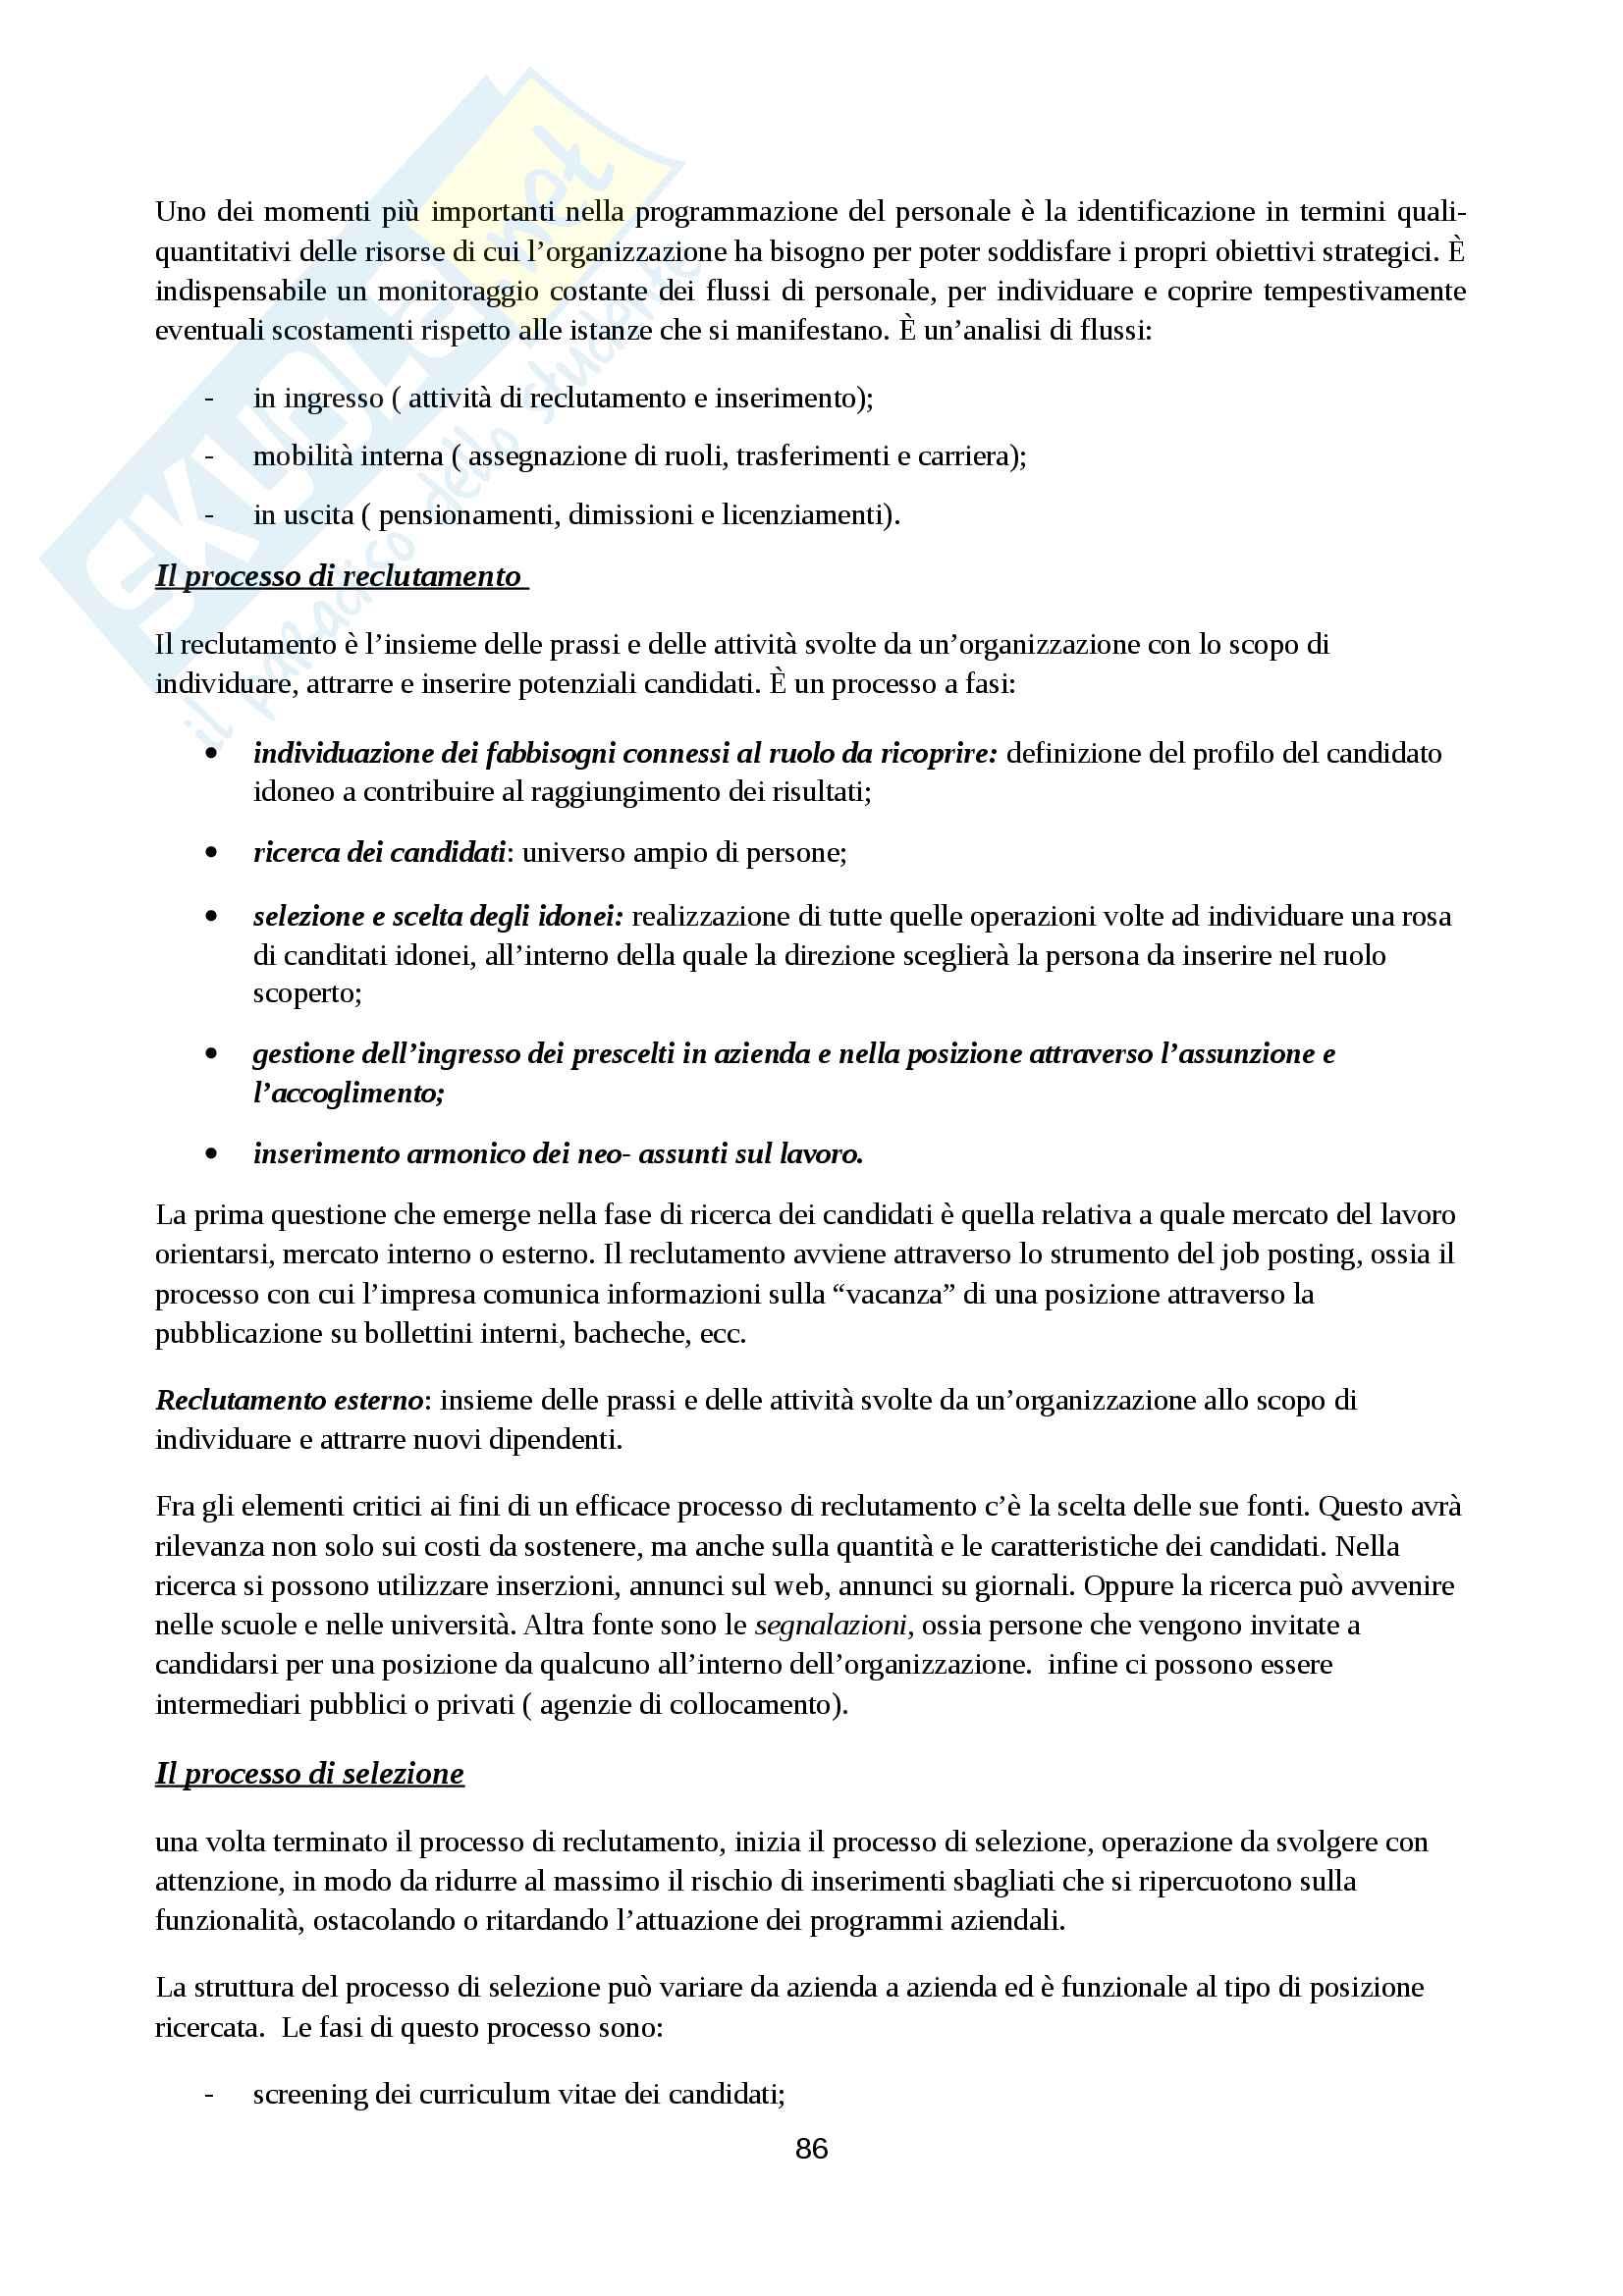 Riassunto esame Organizzazione Aziendale, prof. Cavaliere, libro consigliato Elementi di progettazione organizzativa e di programmazione del personale, D'Anna Pag. 86